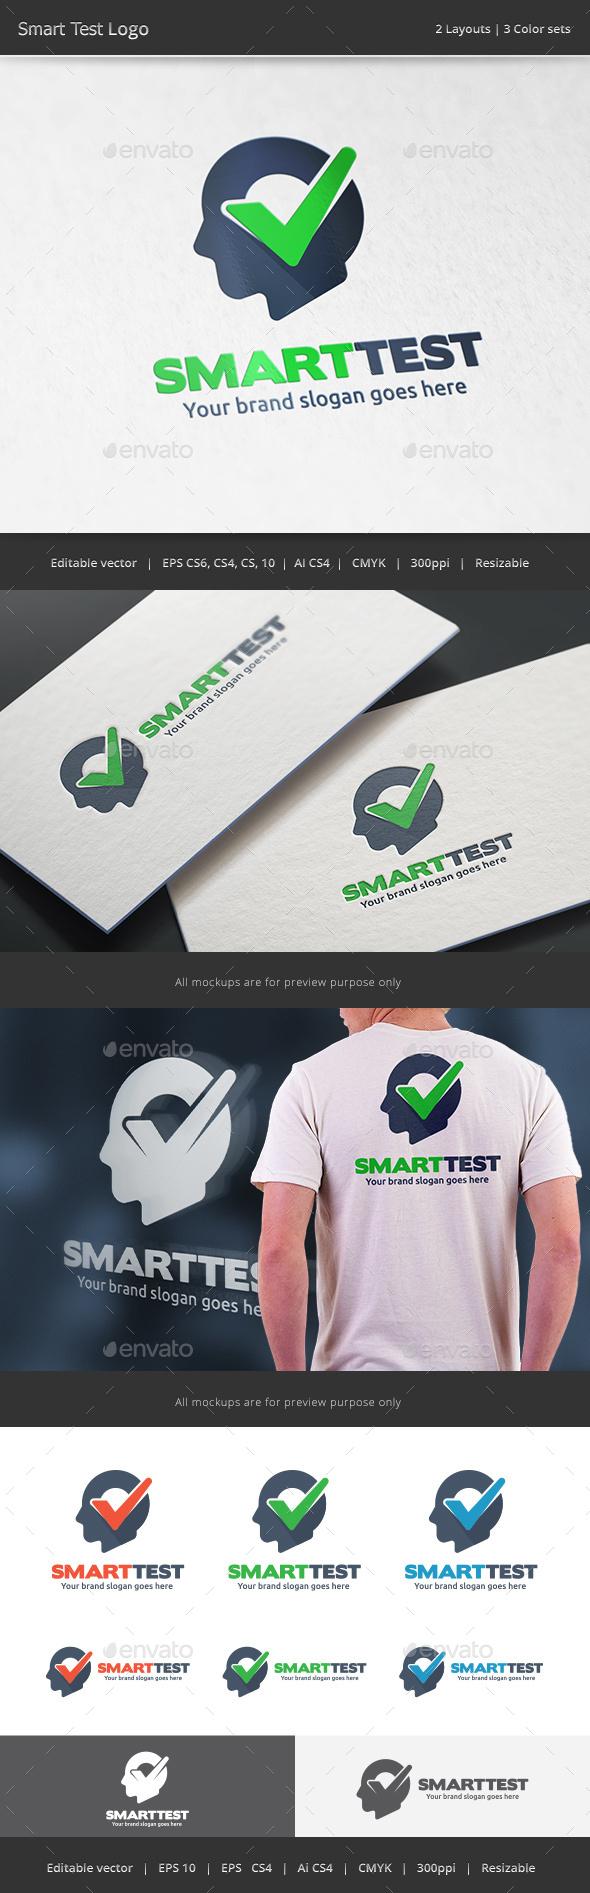 Smart Check Logo - Vector Abstract